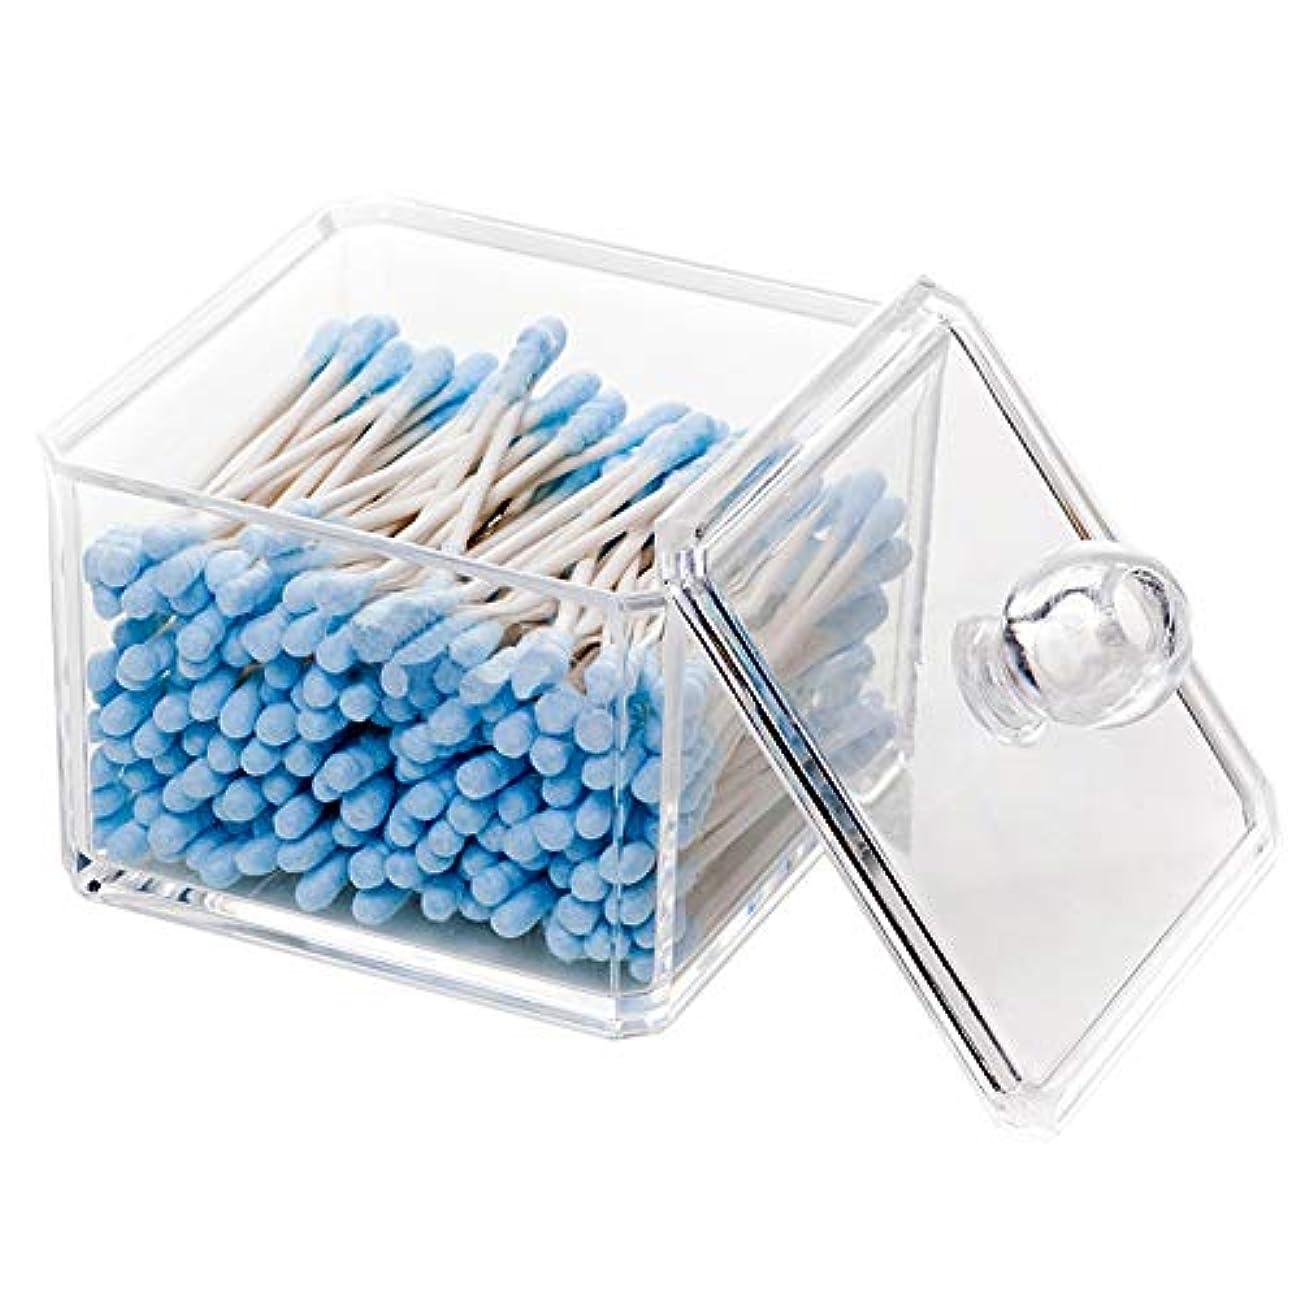 綿棒収納ボックス 綿棒ケース アクリル製 コットンケース 綿棒入れ フタ付き 小物入れ QFENC